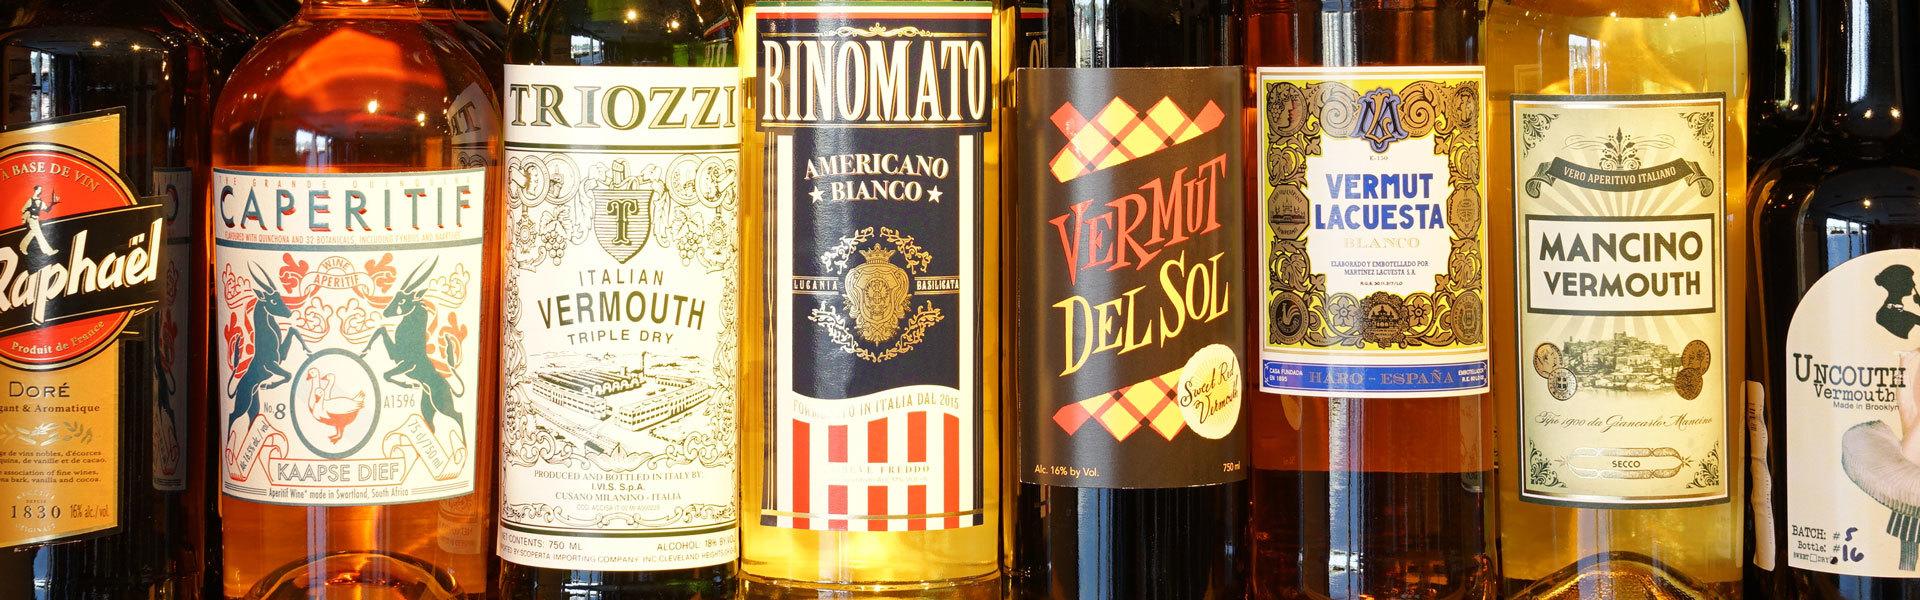 Vermouths and Apertifs